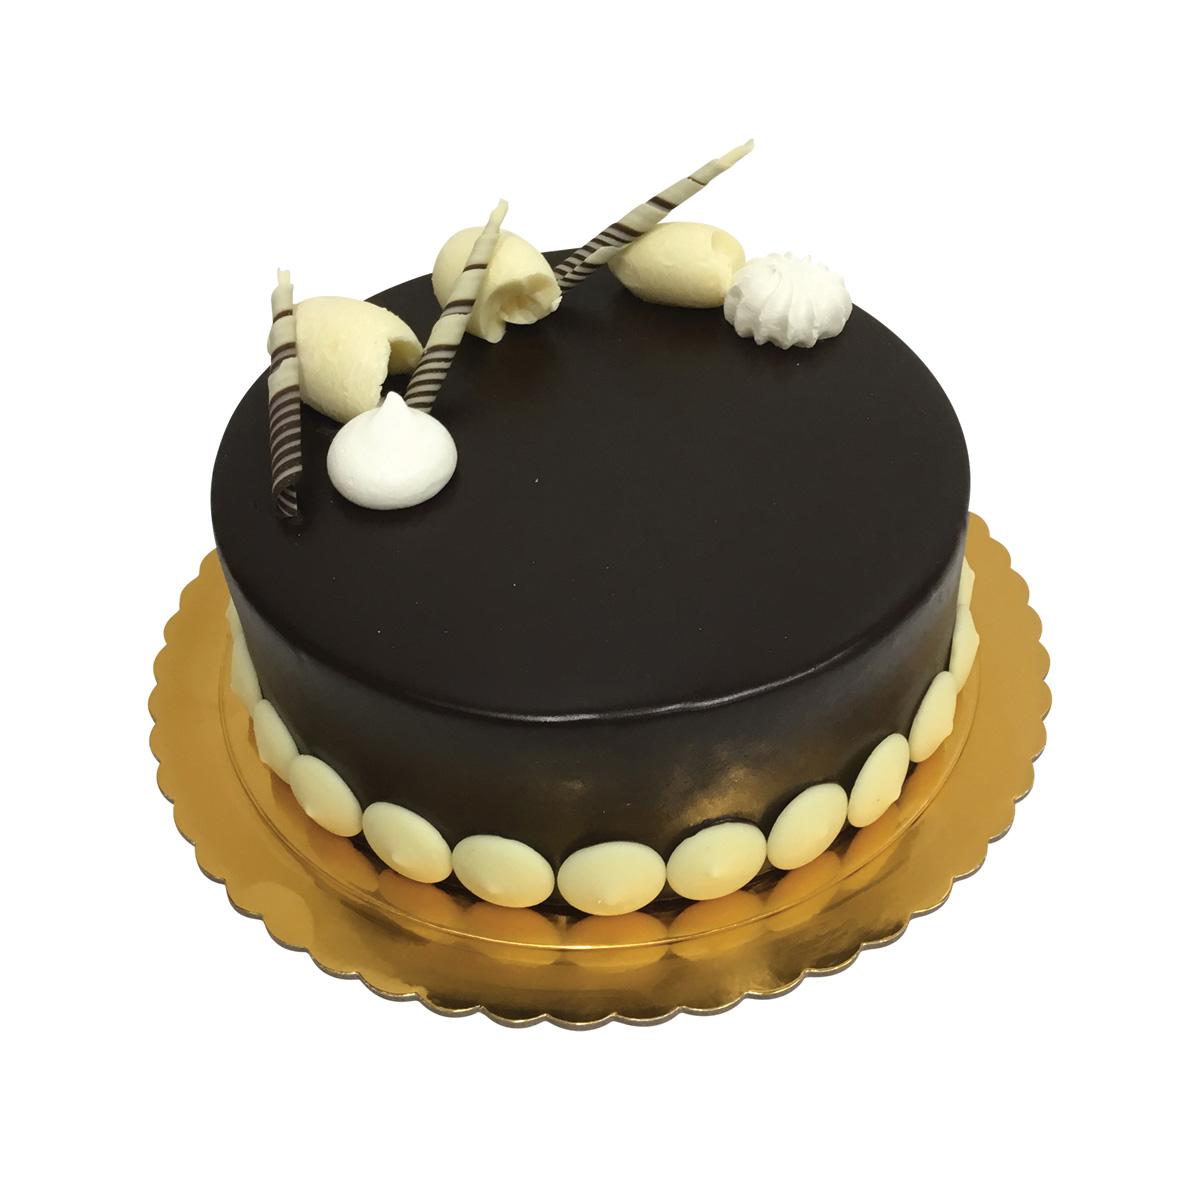 Choc Vanilla Mud Cake